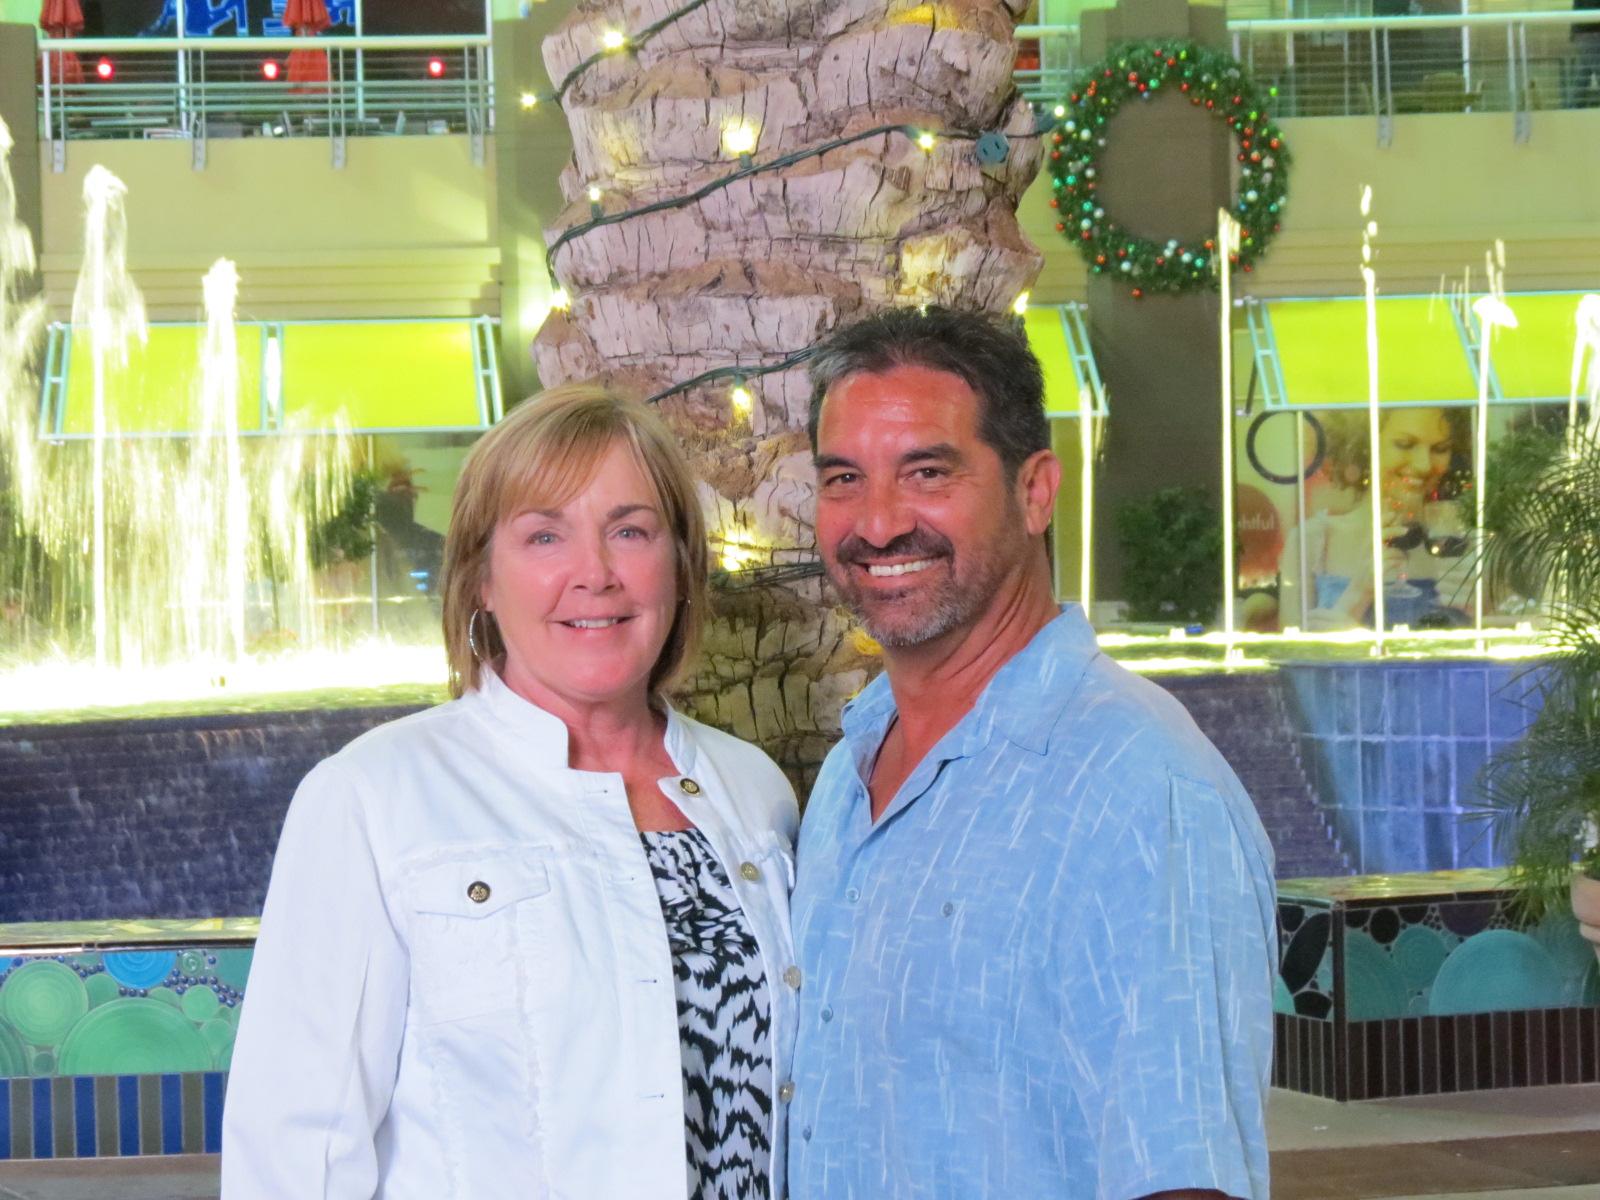 Karen & Roger at Westgate Mall